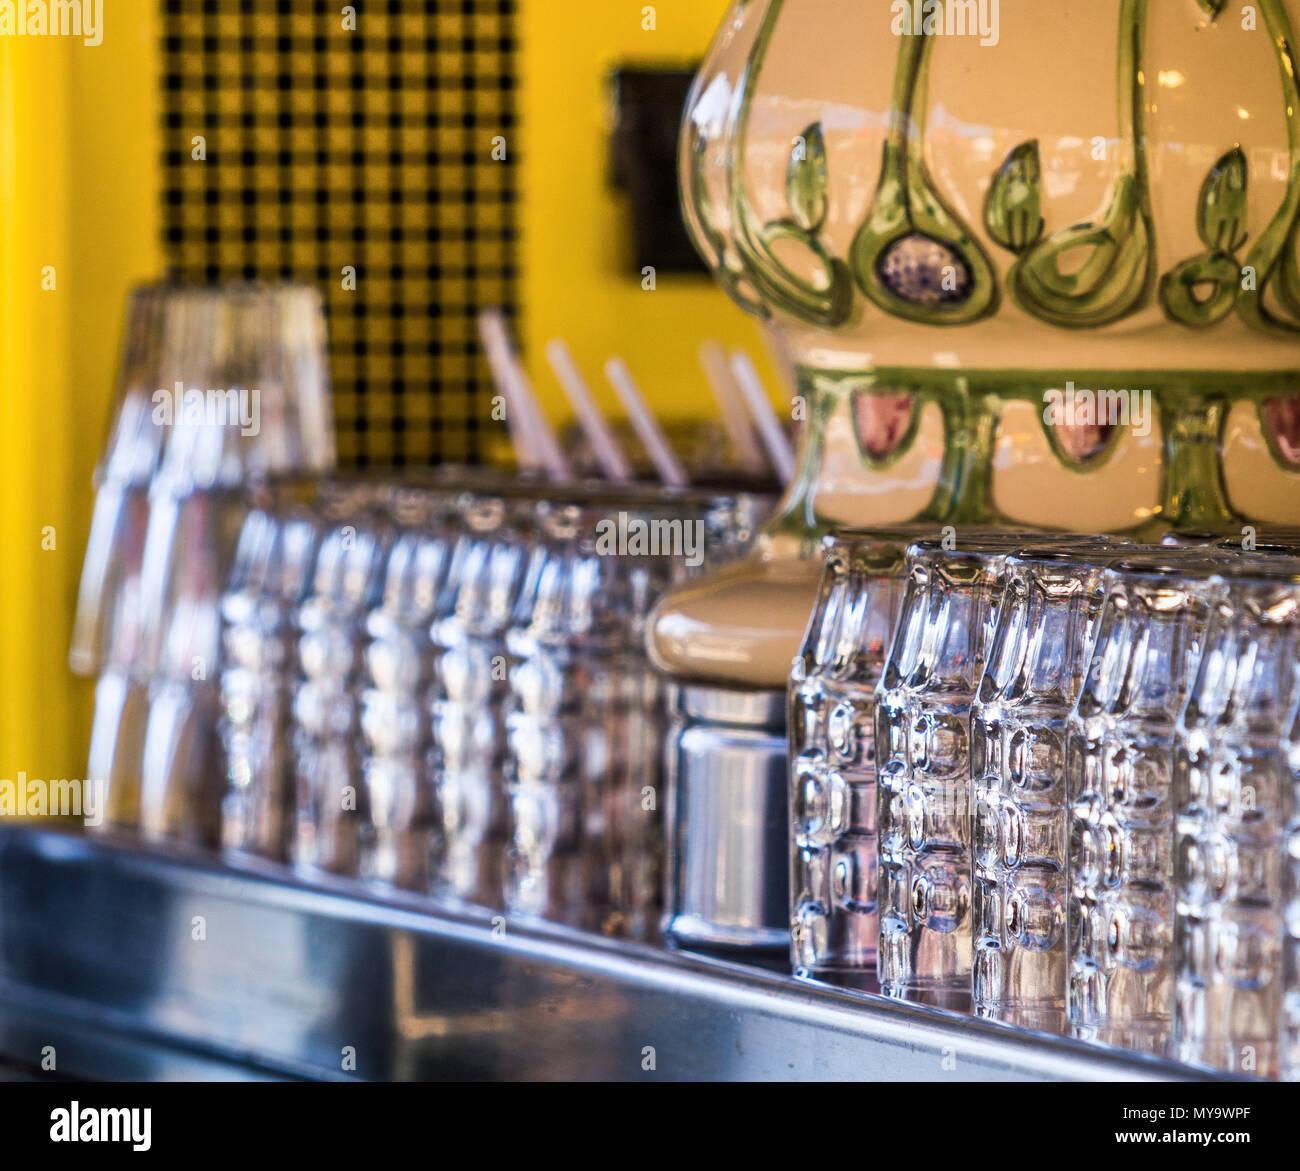 Recién lavados vasos de cerveza de pie en un contador y esperar a que los bebedores, intencionalmente baja profundidad de enfoque, borrosas Foto de stock